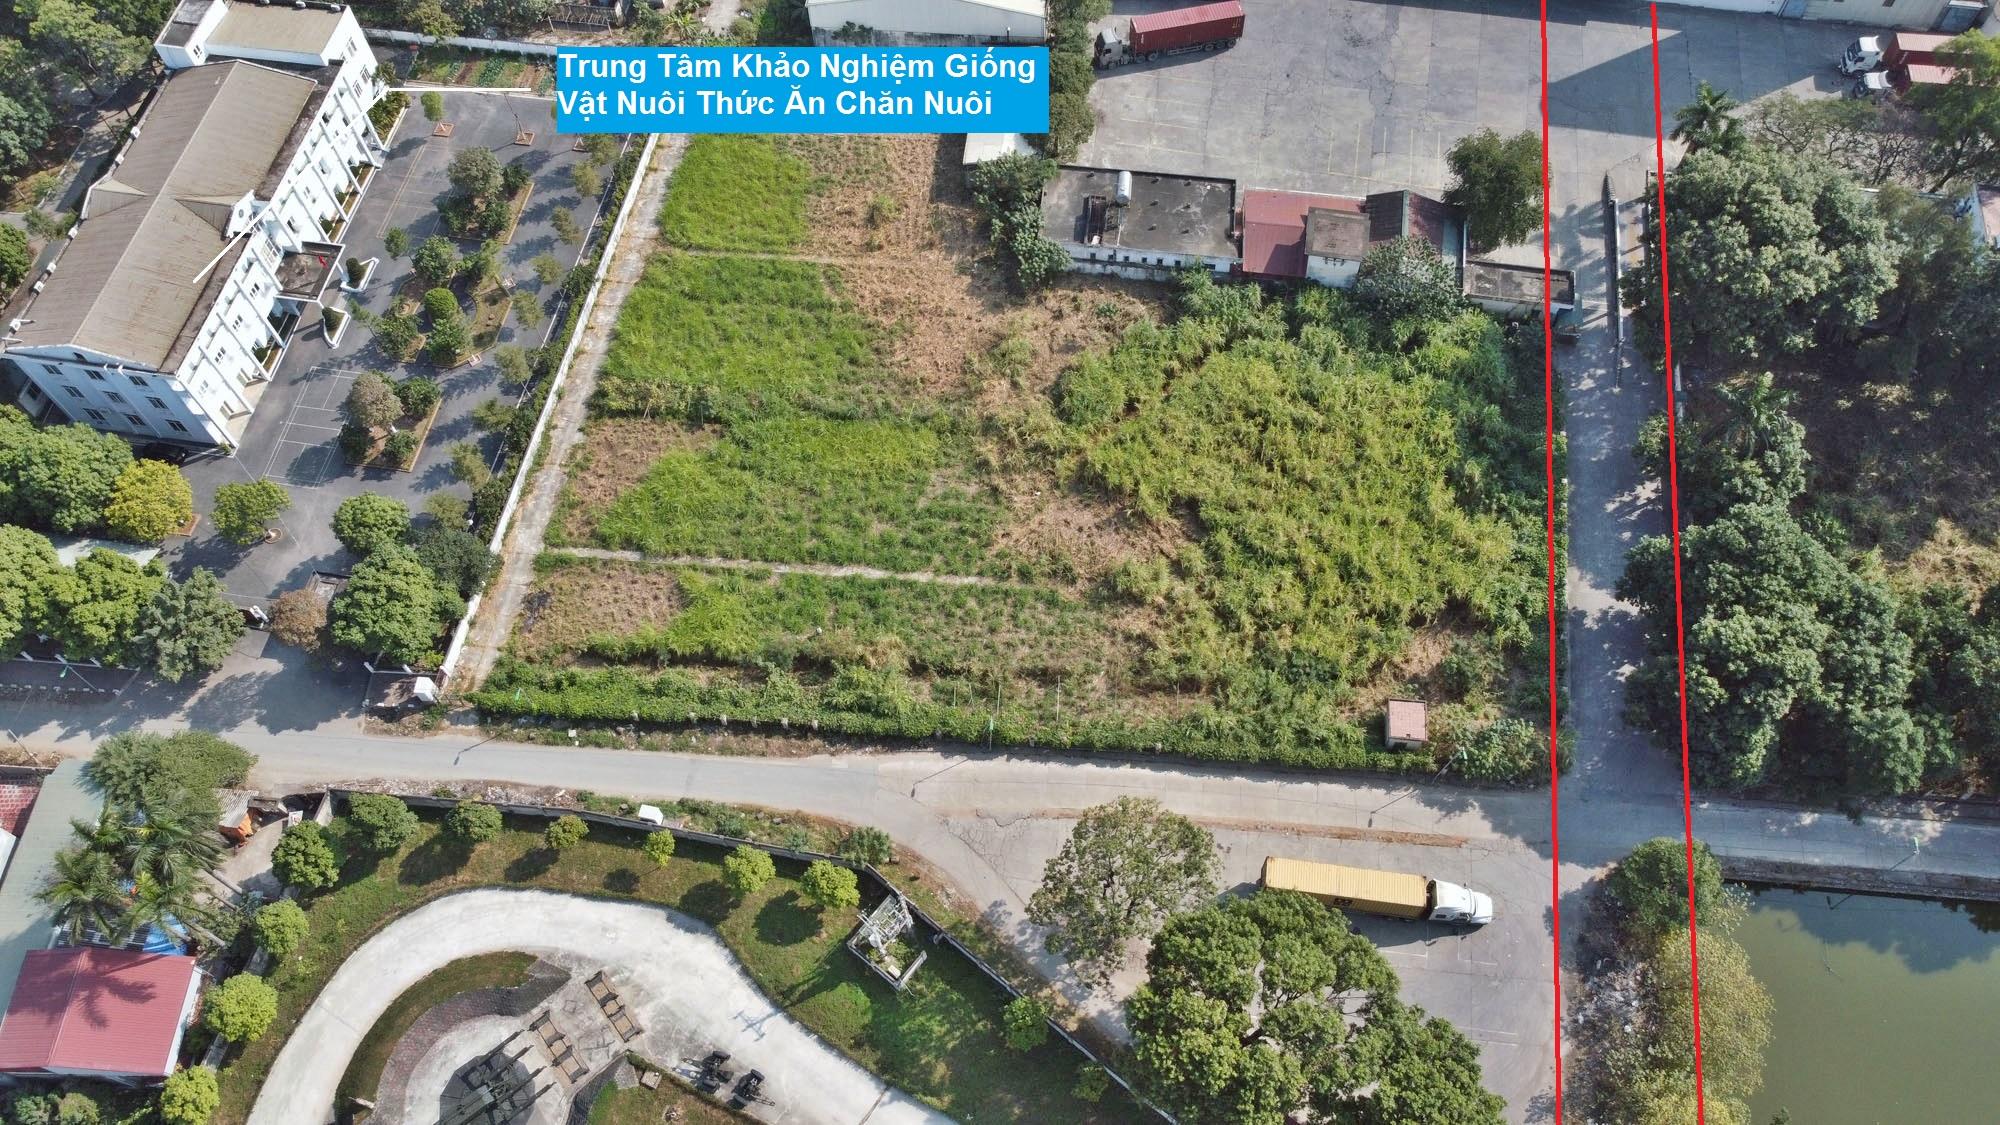 Ba đường sẽ mở theo quy hoạch ở phường Thụy Phương, Bắc Từ Liêm, Hà Nội (phần 3) - Ảnh 7.